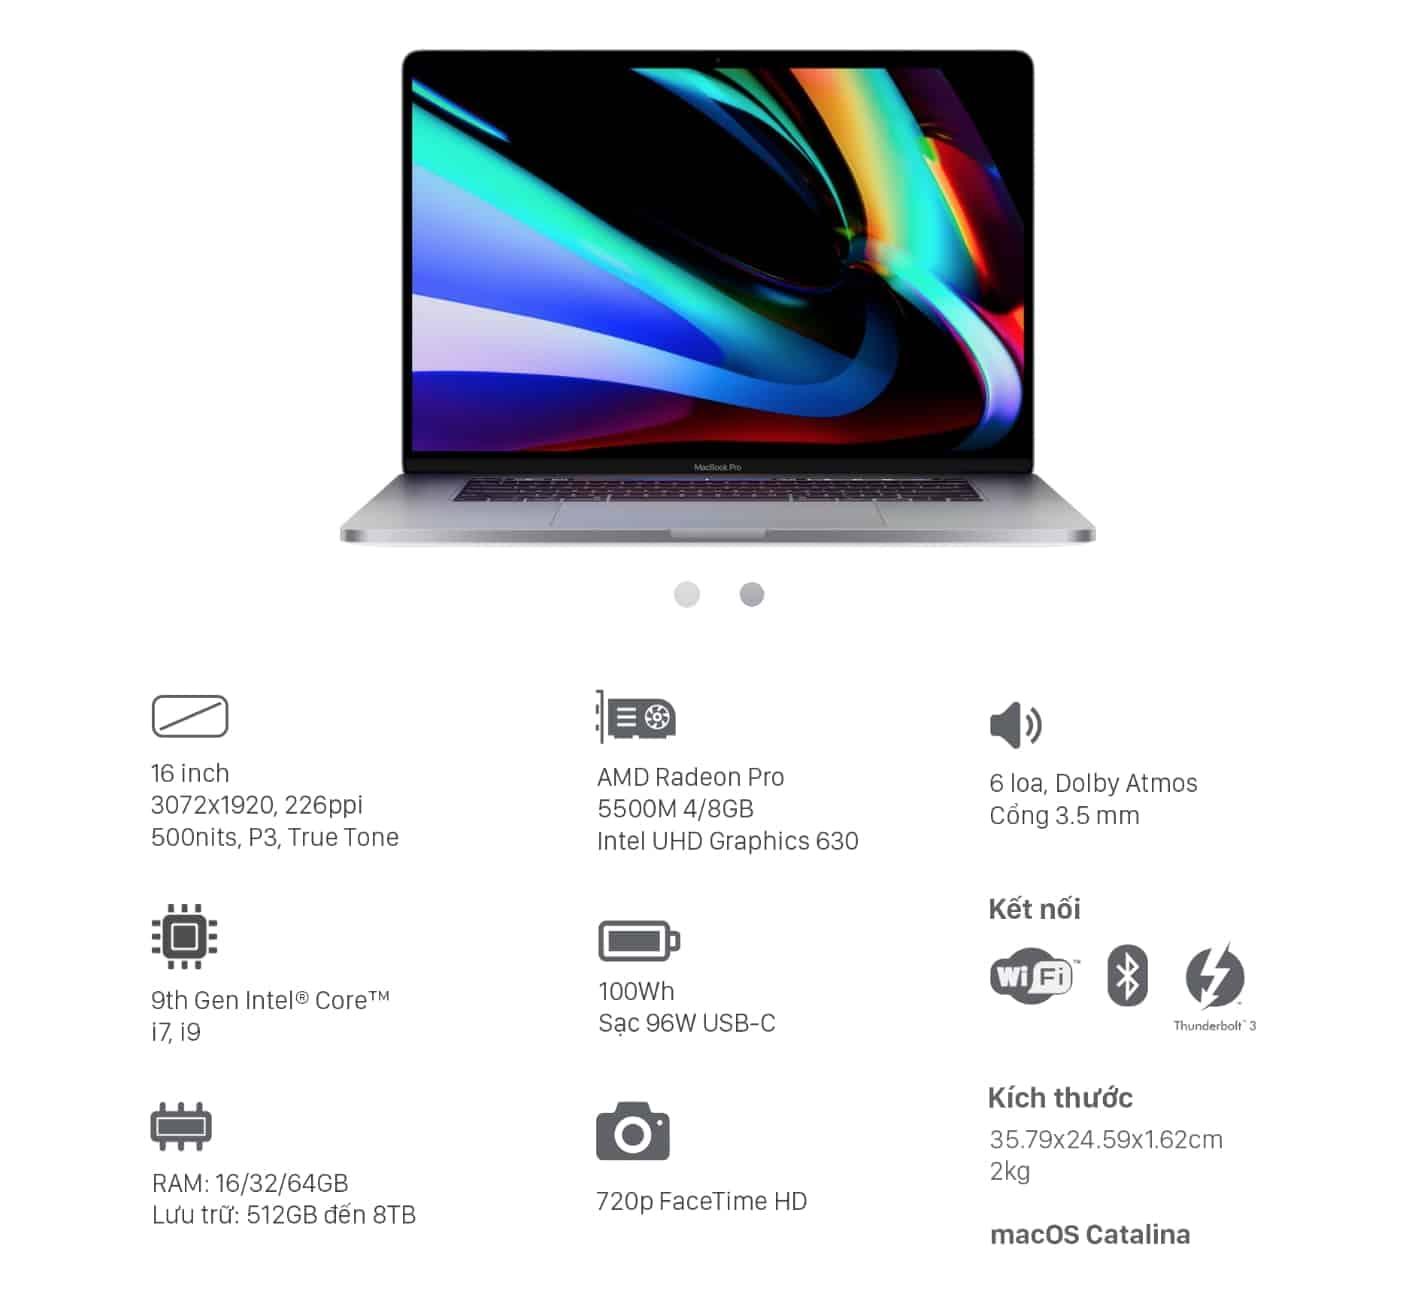 laptopvang - Các tính năng vượt trội trên MacBook Pro 16 inch 2019